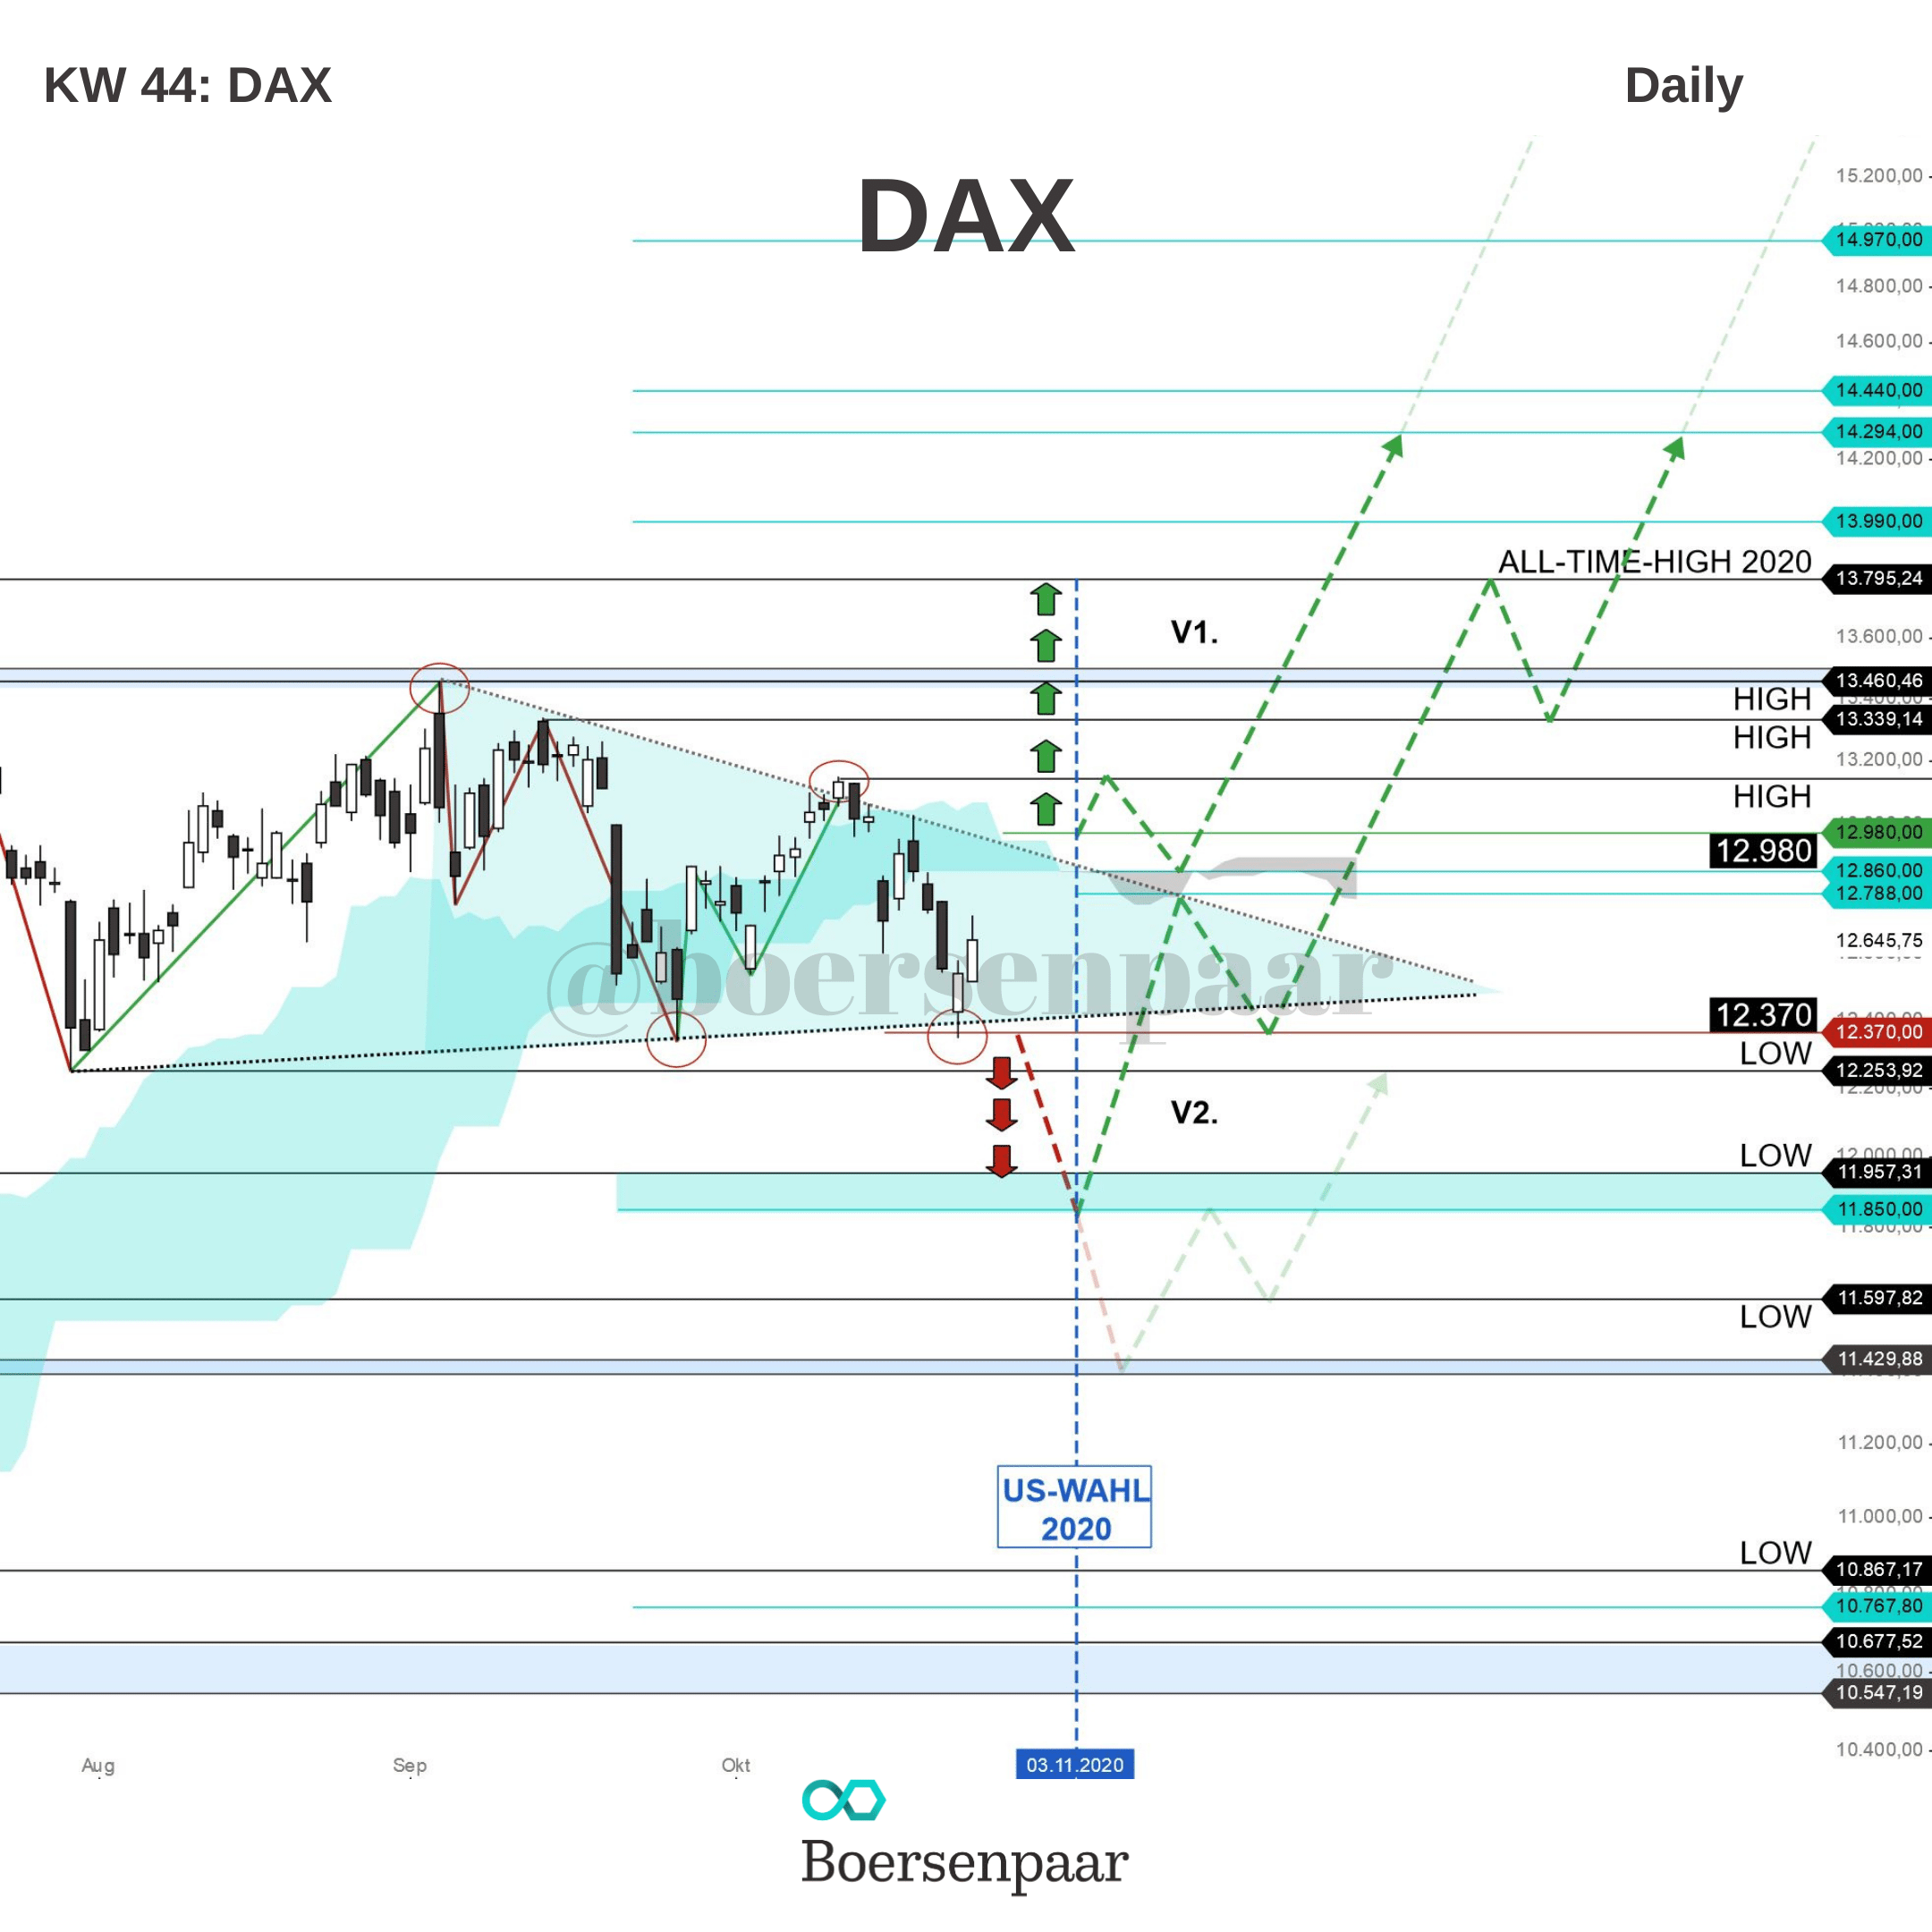 DAX Analyse - KW 44